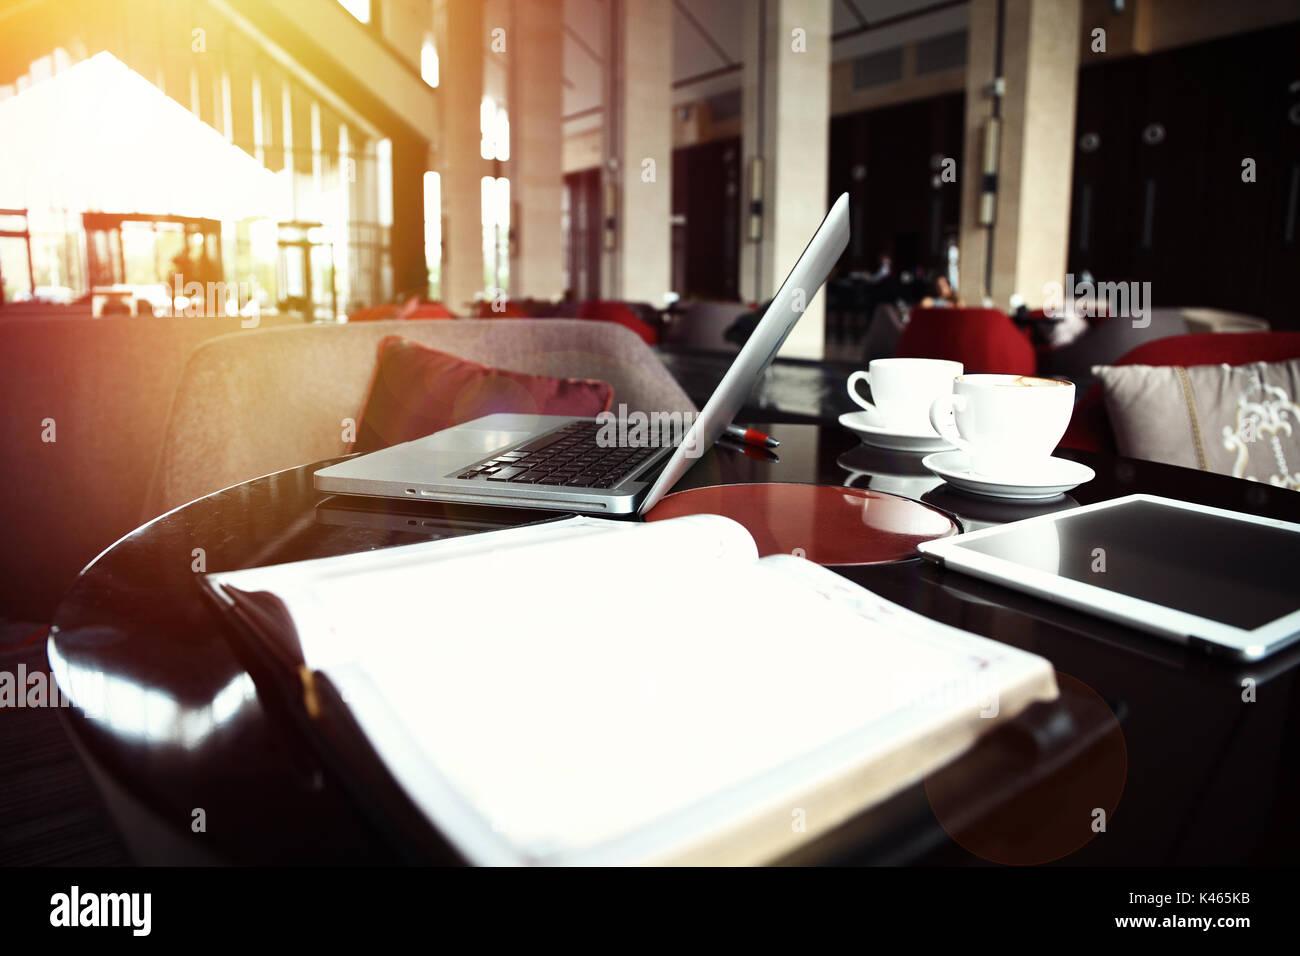 Offen Laptop und Tasse Kaffee liegen auf einem hölzernen Tisch im ...